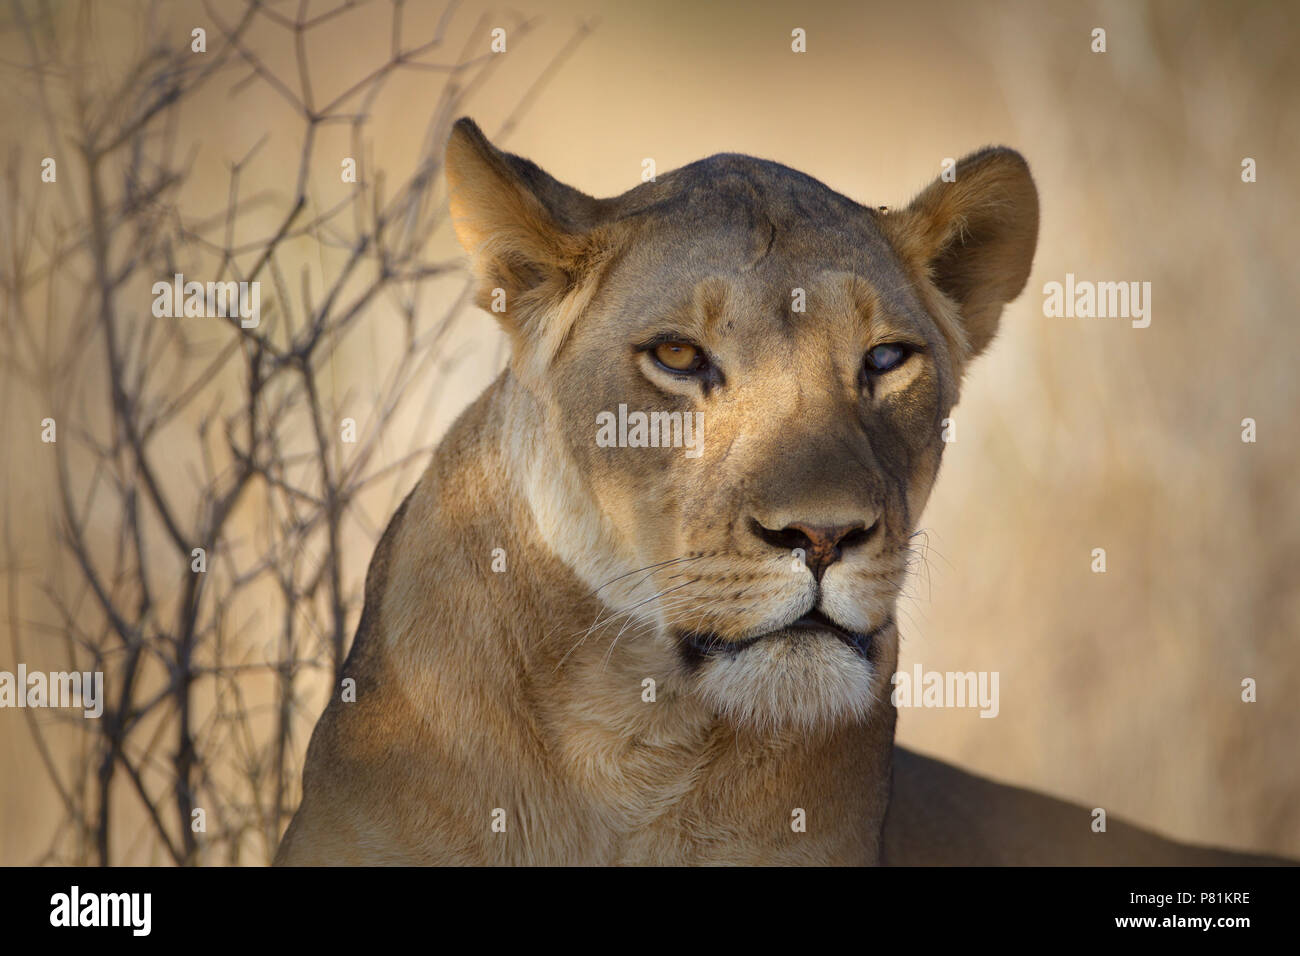 Silver Eye Lionne Portrait close up avec un environnement intimidant à la féroce lion Photo Stock